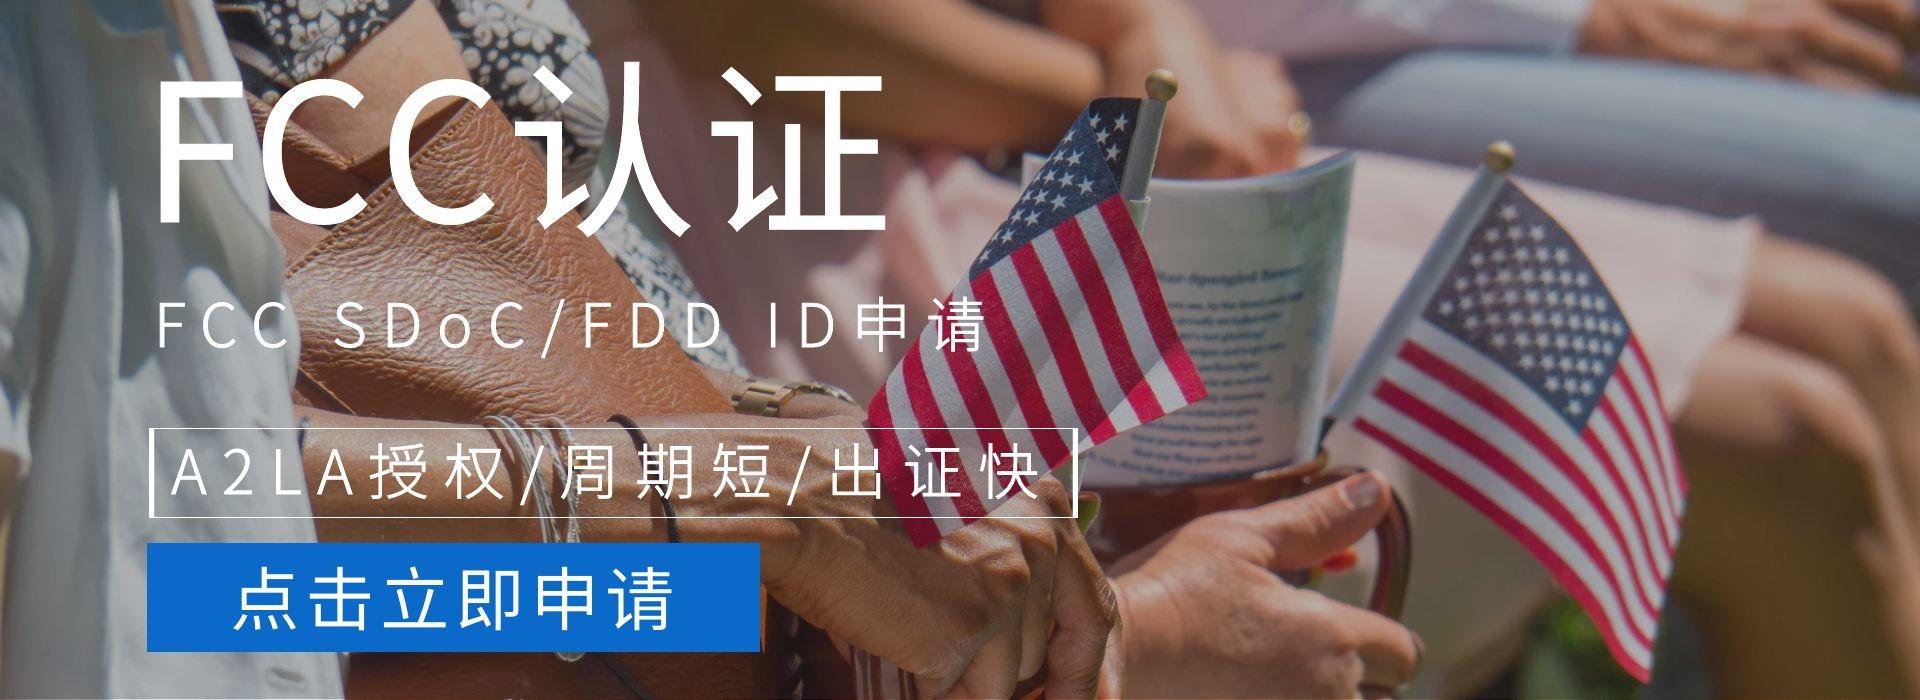 台湾无线NCC认证